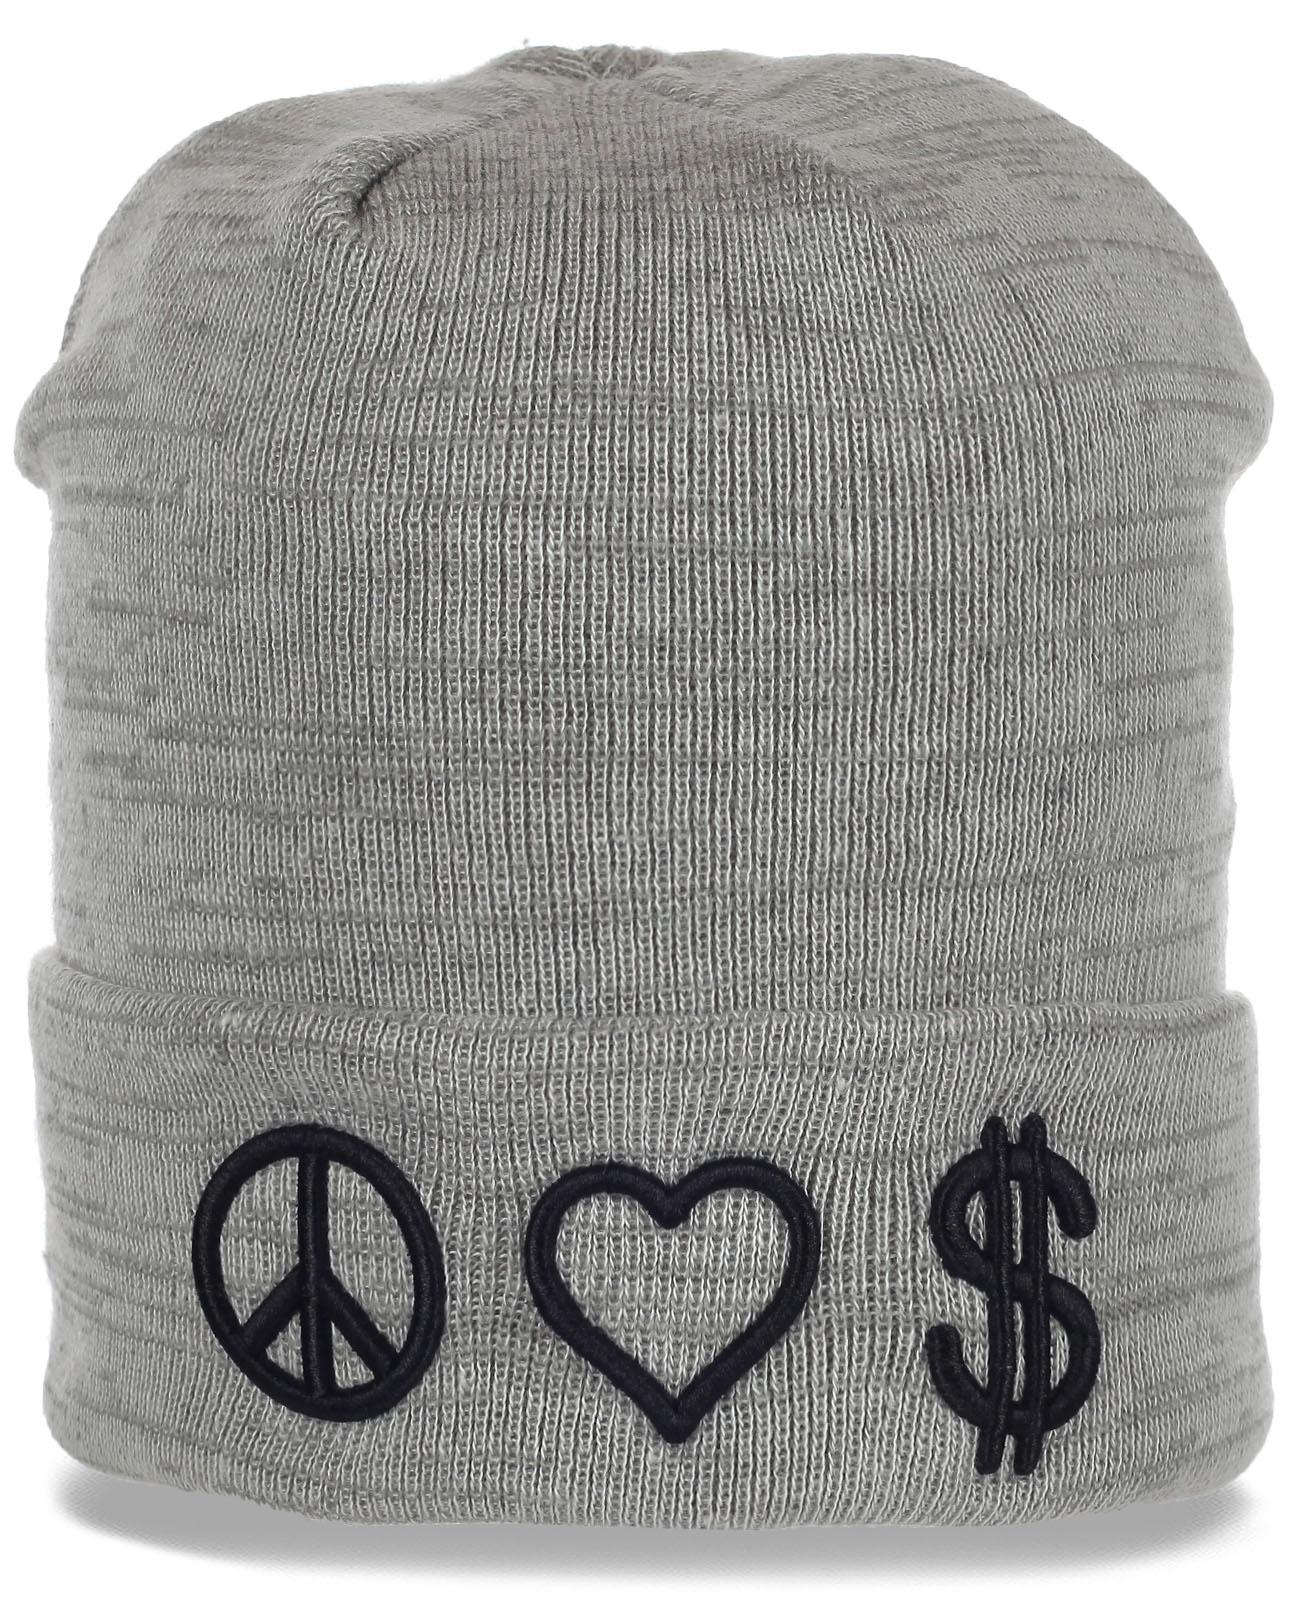 Симпатичная женская шапка модного дизайна. Подходит для любого типа лица и надежно защищает от холода. Заказывай скорее!